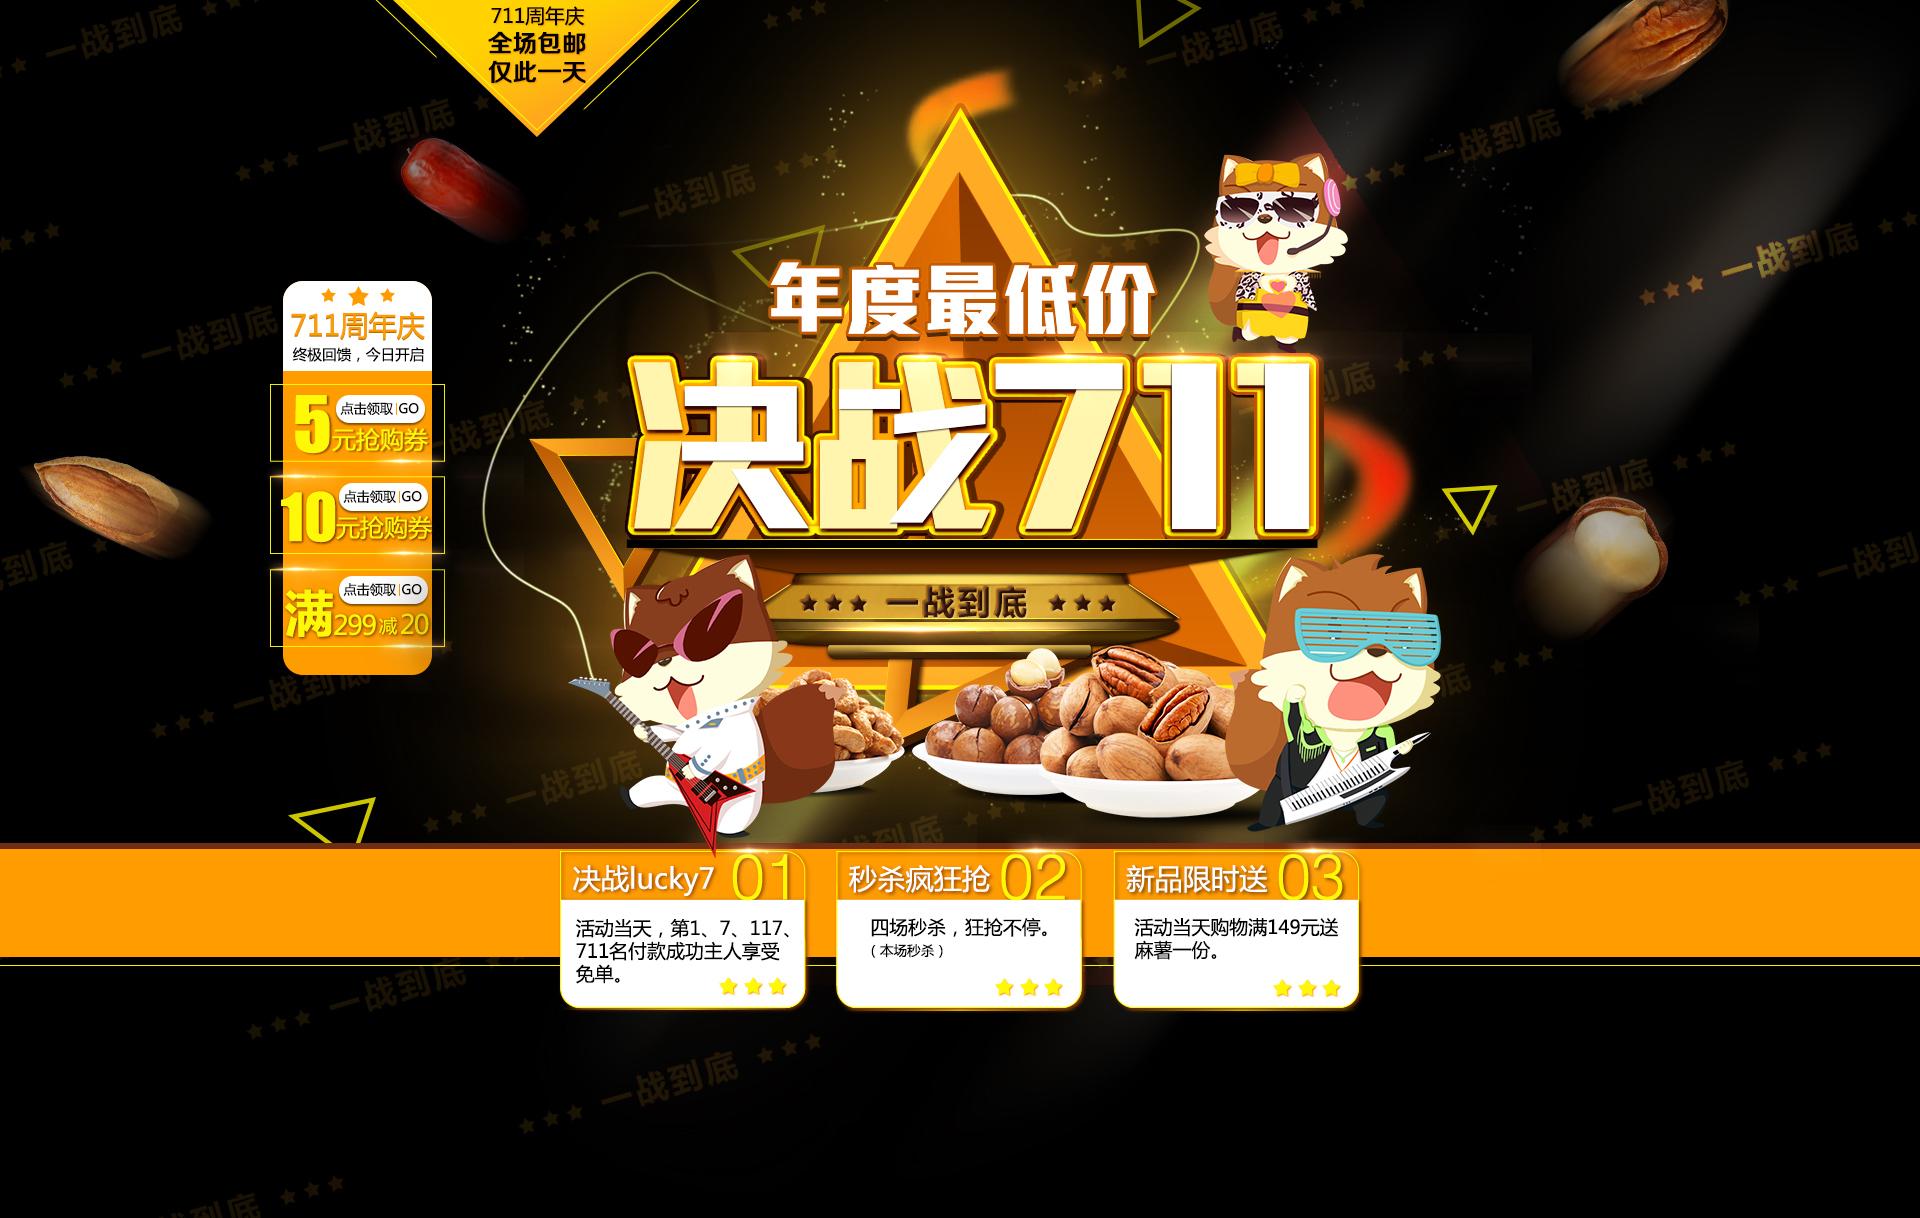 三只松鼠 决战711促销页面|网页|banner/广告图|艺心图片